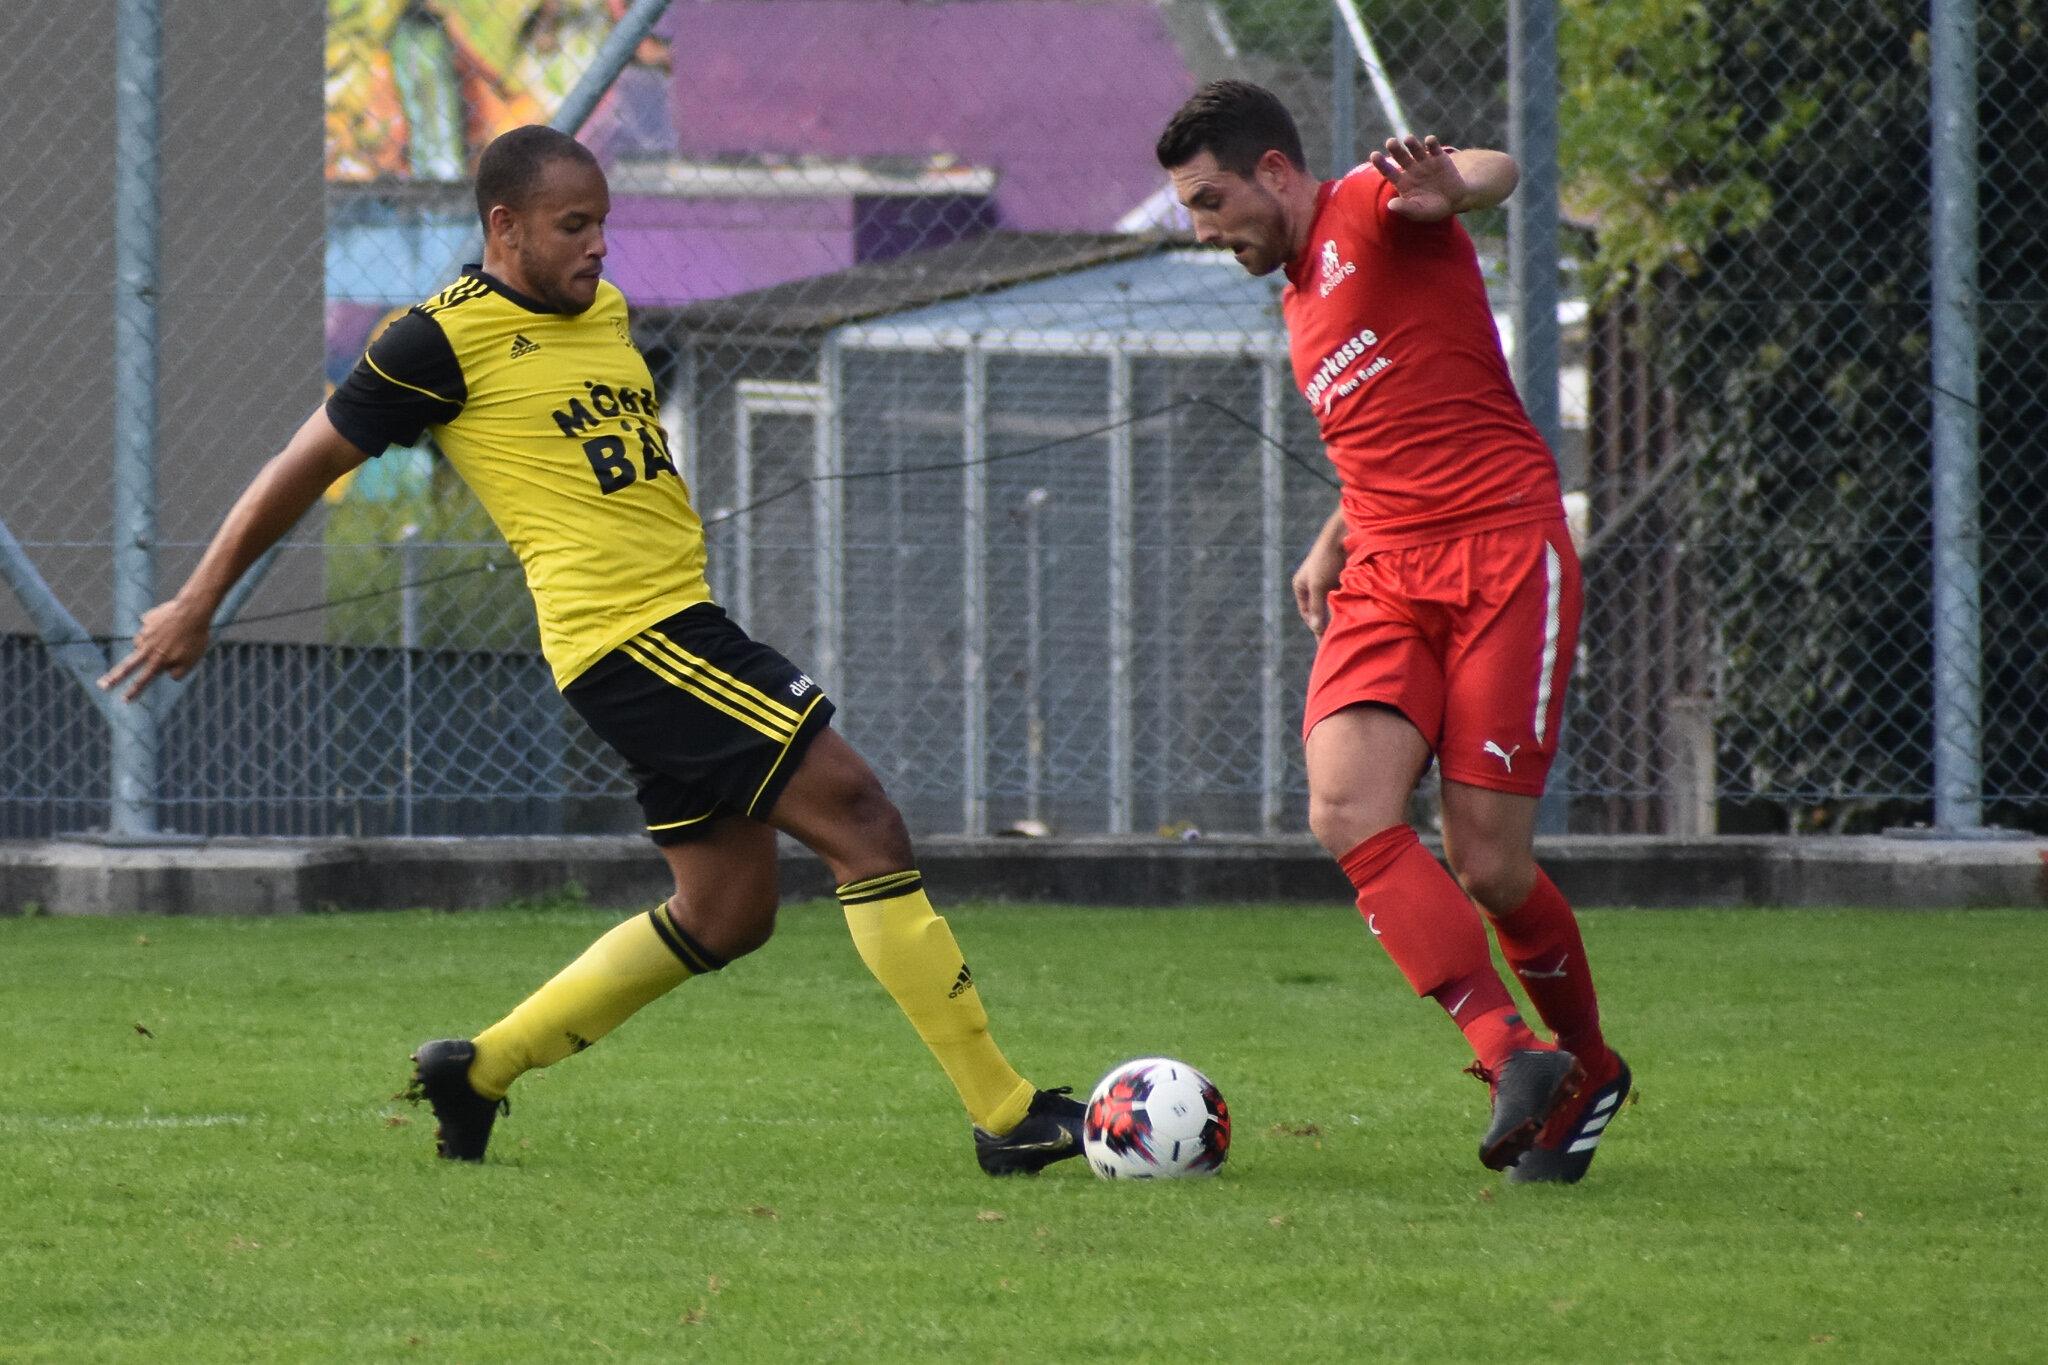 Altdorf lässt auch gegen Stans Punkte liegen. Foto: FC Altdorf